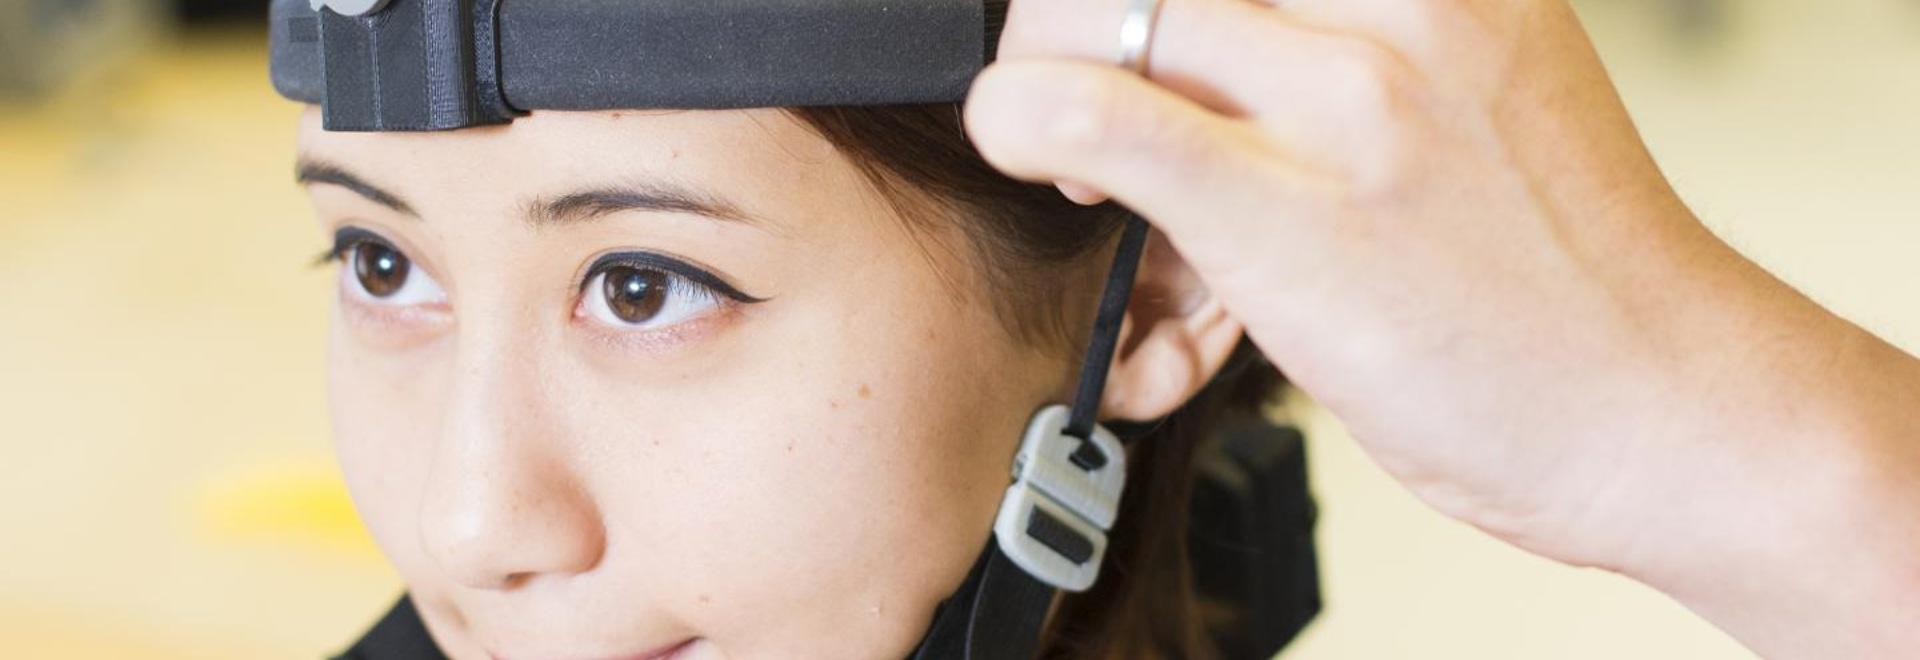 Primer sistema portable, usable de EEG desarrollado - Berkeley, CA ...